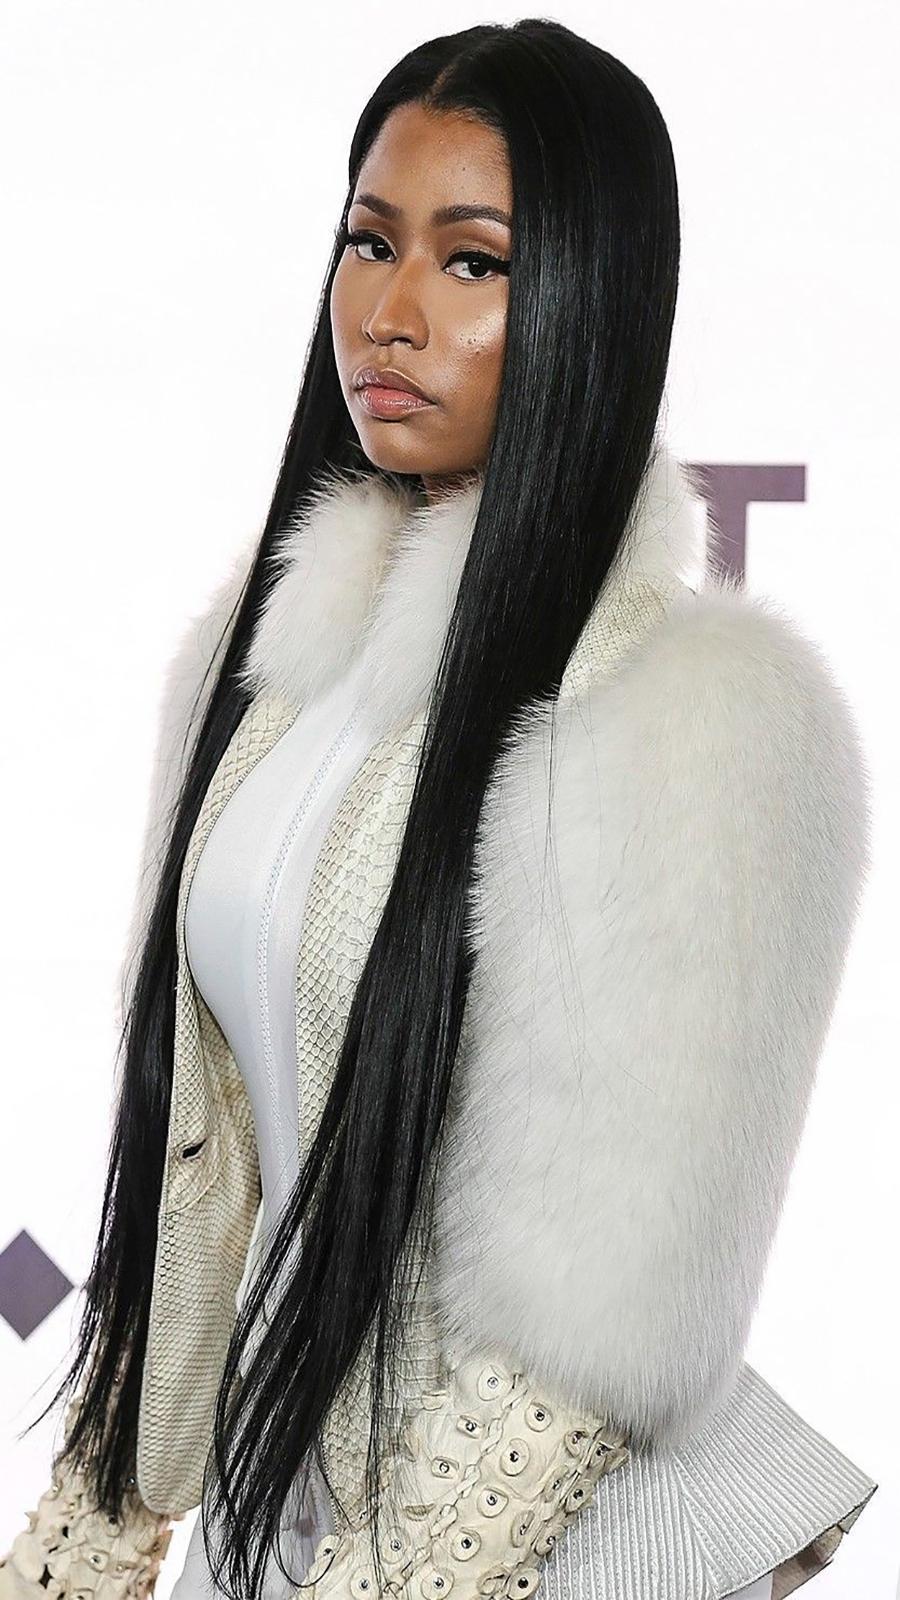 Top Free Nicki Minaj Background Wallpapers Download